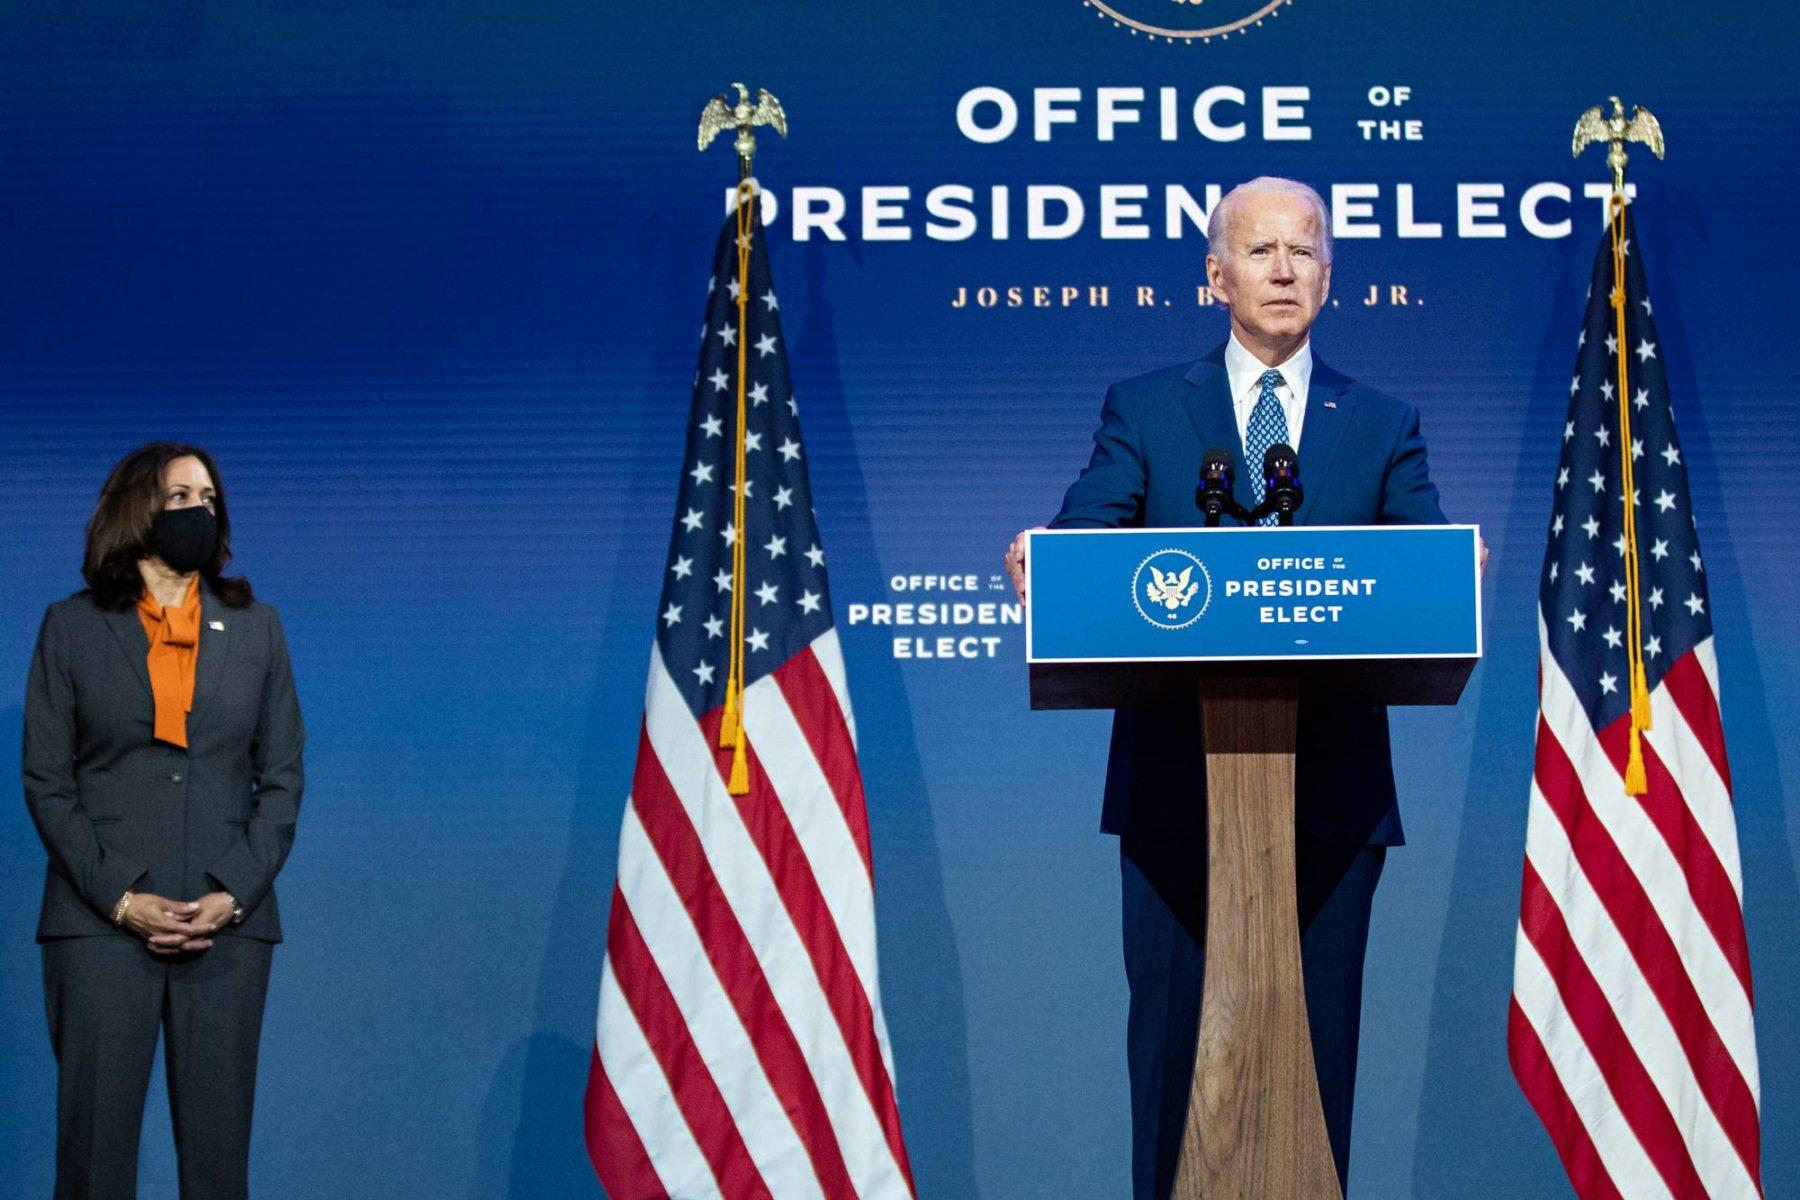 Yhdysvaltain tuleva presidentti Joe Biden esitteli näkemyksiään koronapandemian torjumiseksi Wilmingtonissa 9. marraskuuta. Tuleva varapresidentti Kamala Harris seurasi vierestä.